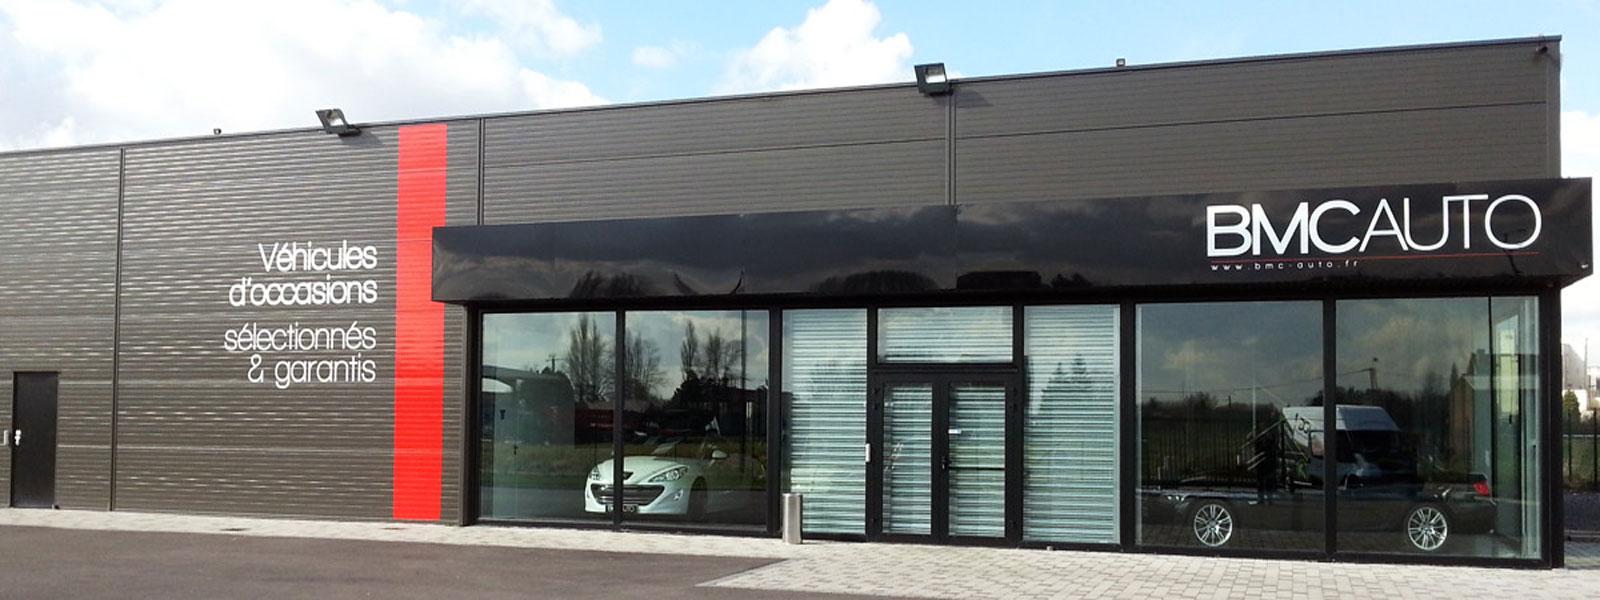 Fabrication et pose d 39 enseignes habillage de magasins for Fabricant panneau publicitaire exterieur